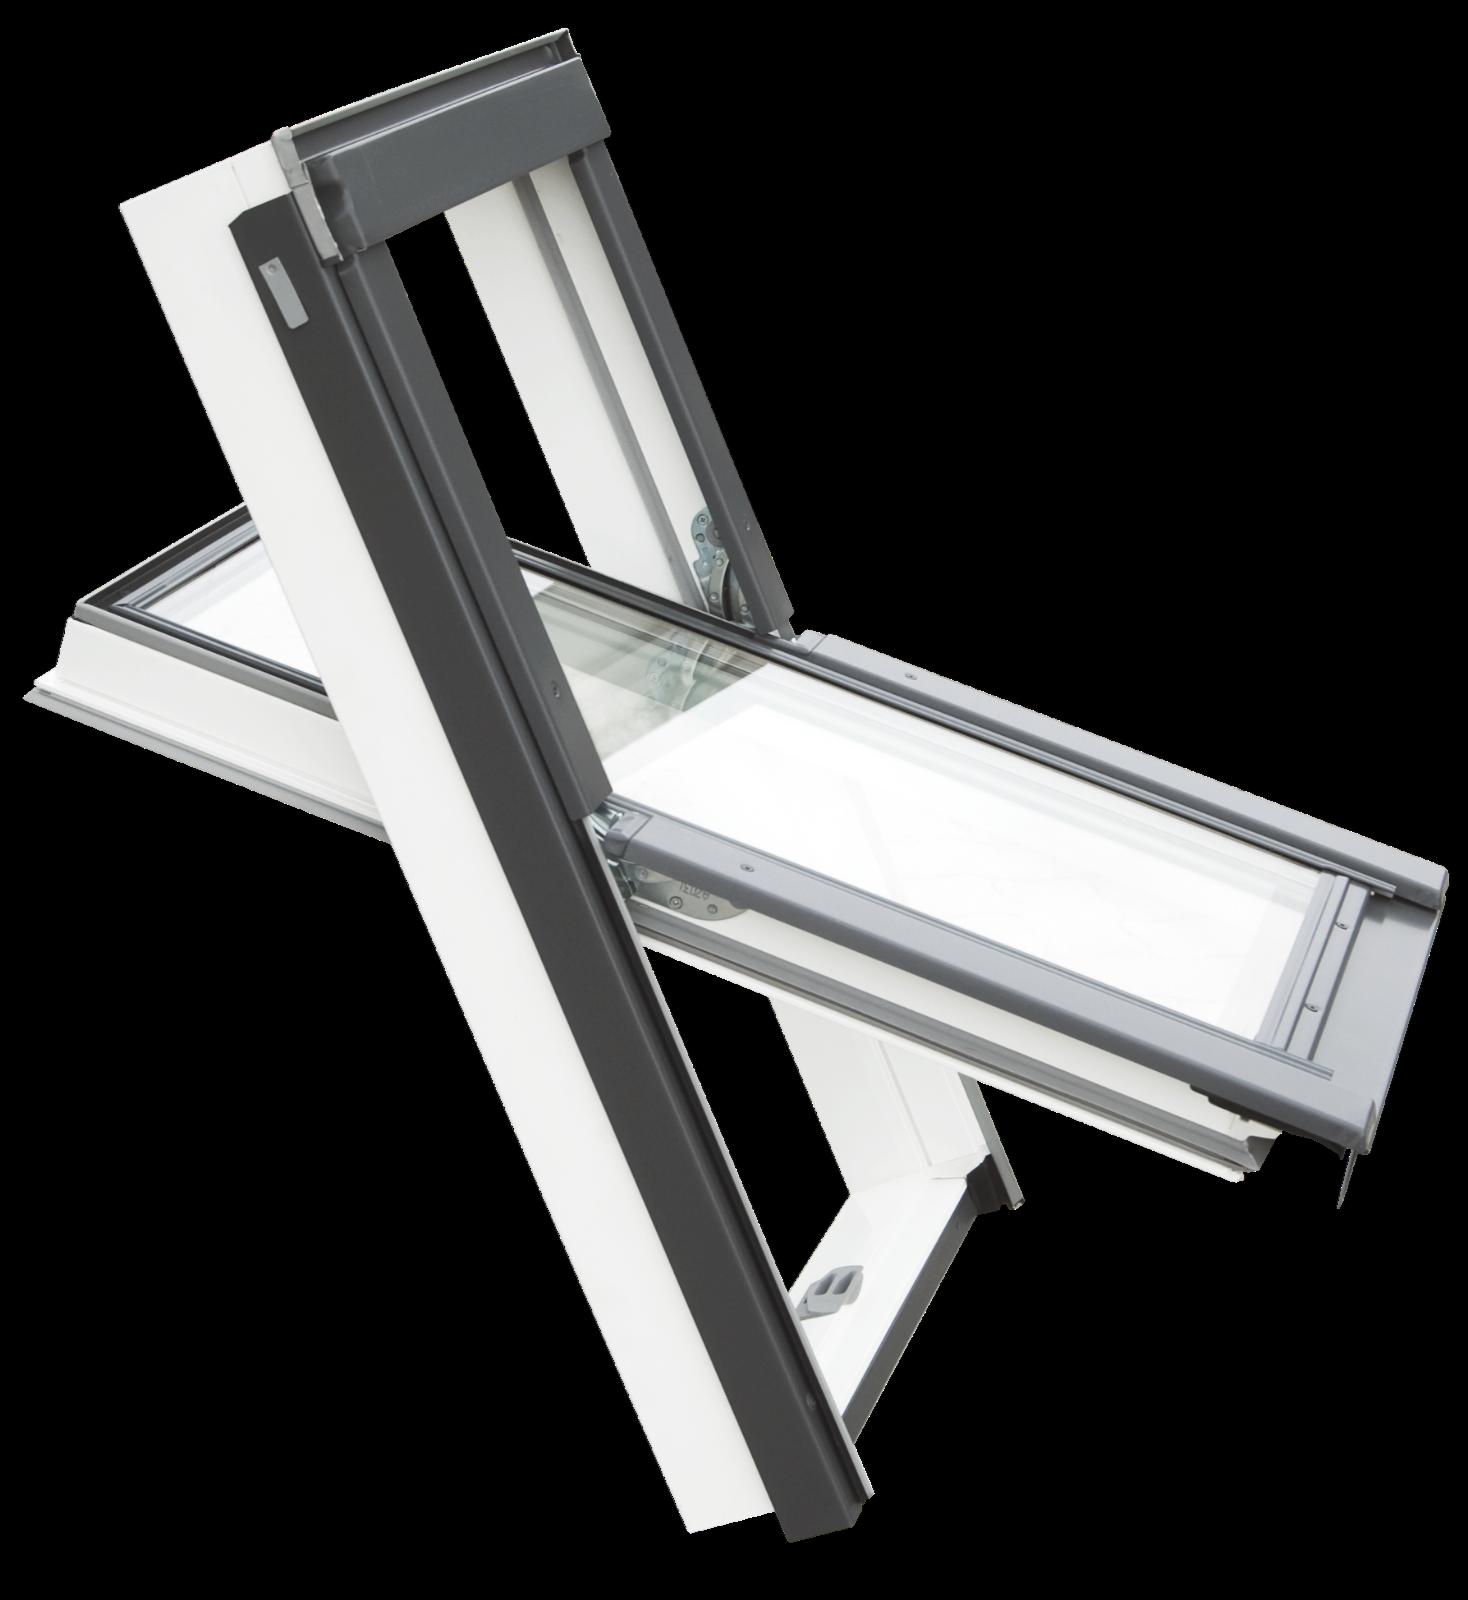 BALIO Dachfenster APB aus Kunststoff incl. Universal-Eindeckrahmen 0-50mm